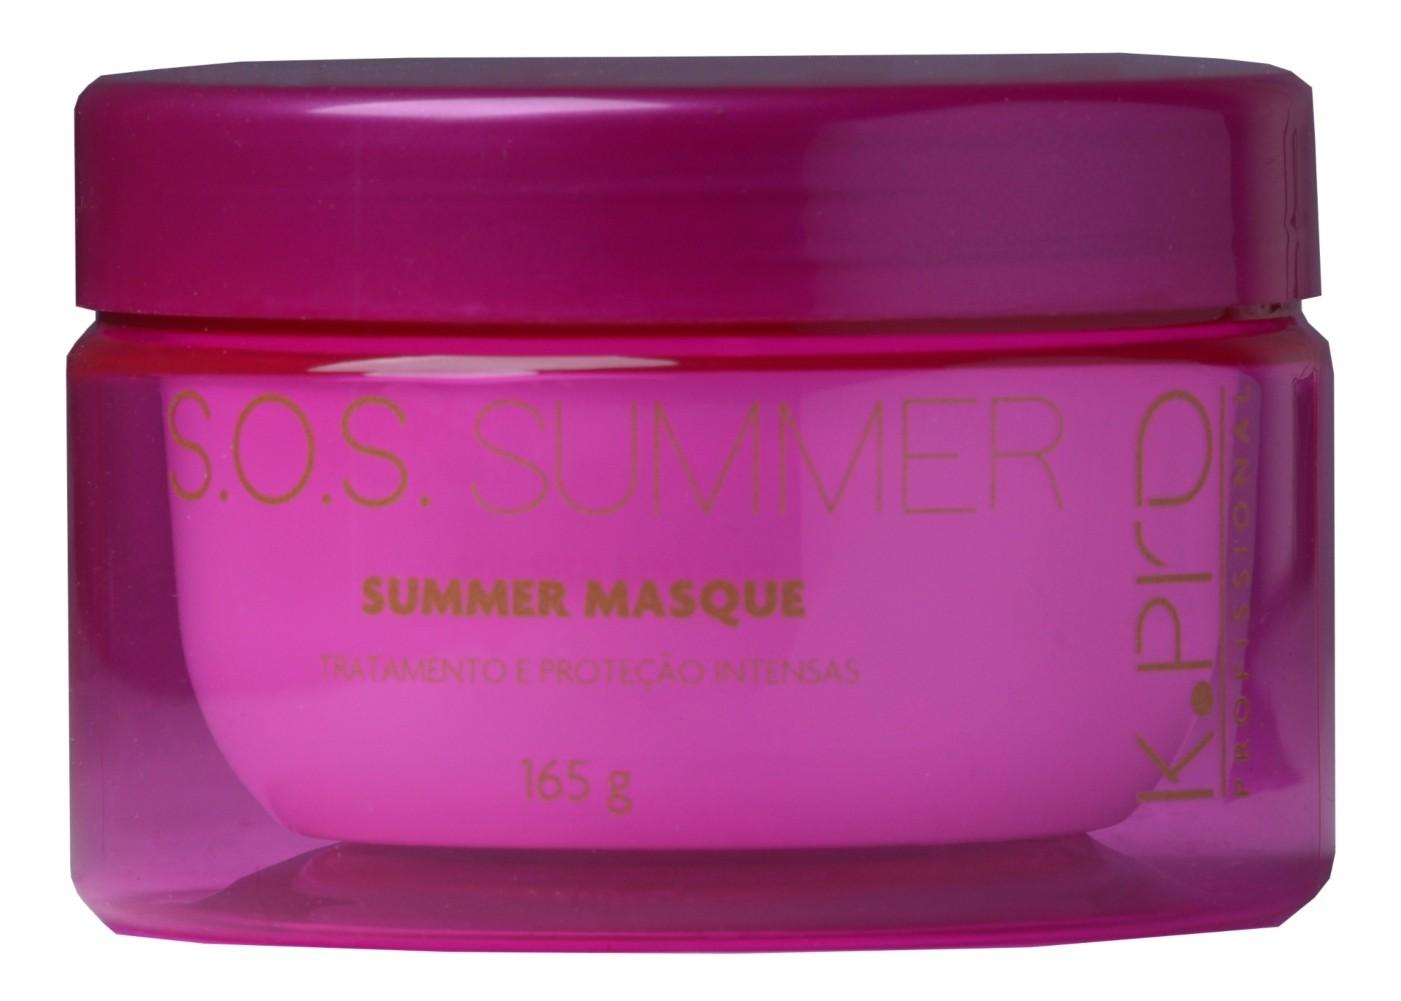 SOS SUMMER MASQUE 165 G